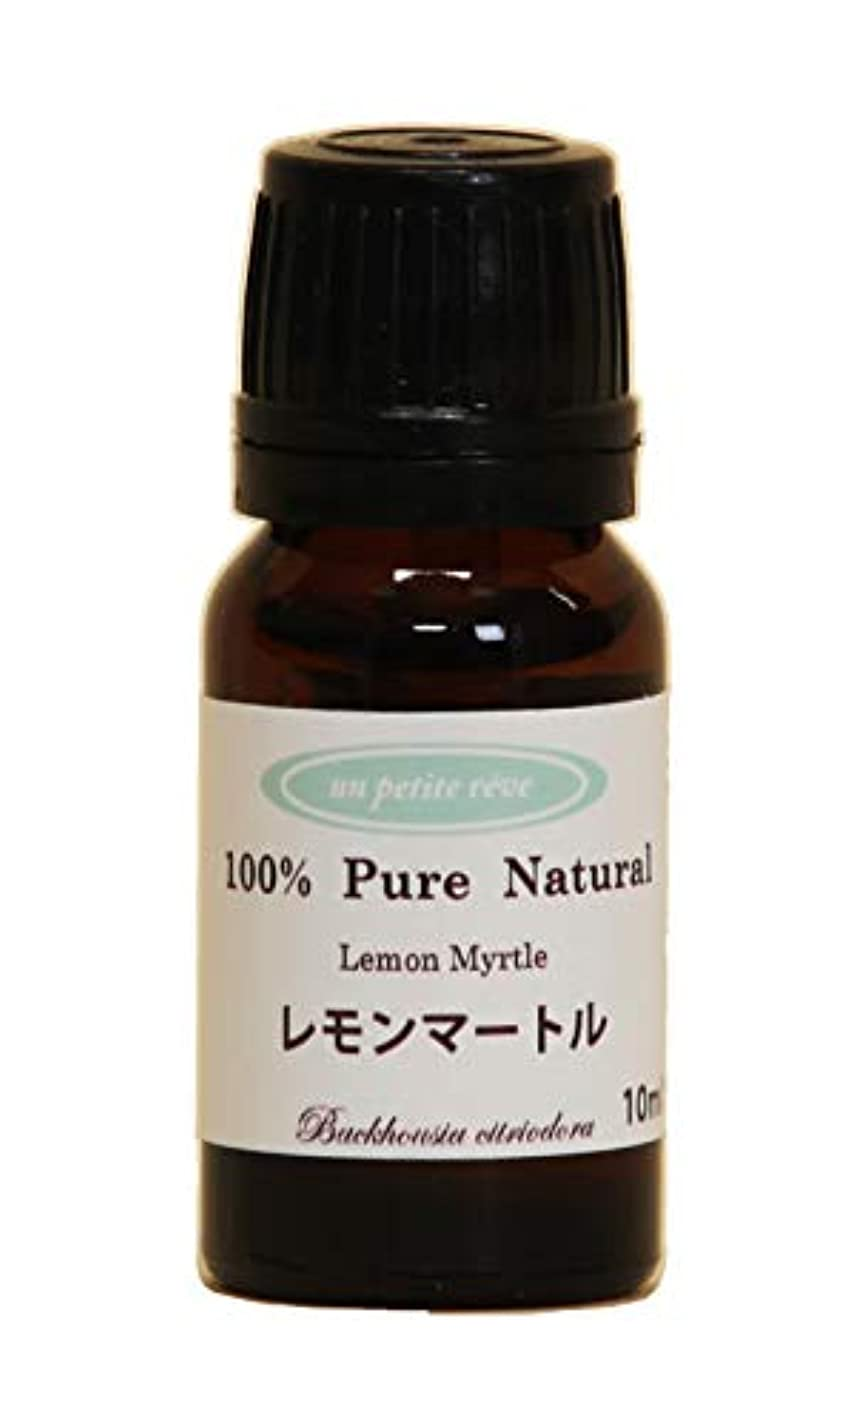 祭司庭園デンプシーレモンマートル 10ml 100%天然アロマエッセンシャルオイル(精油)